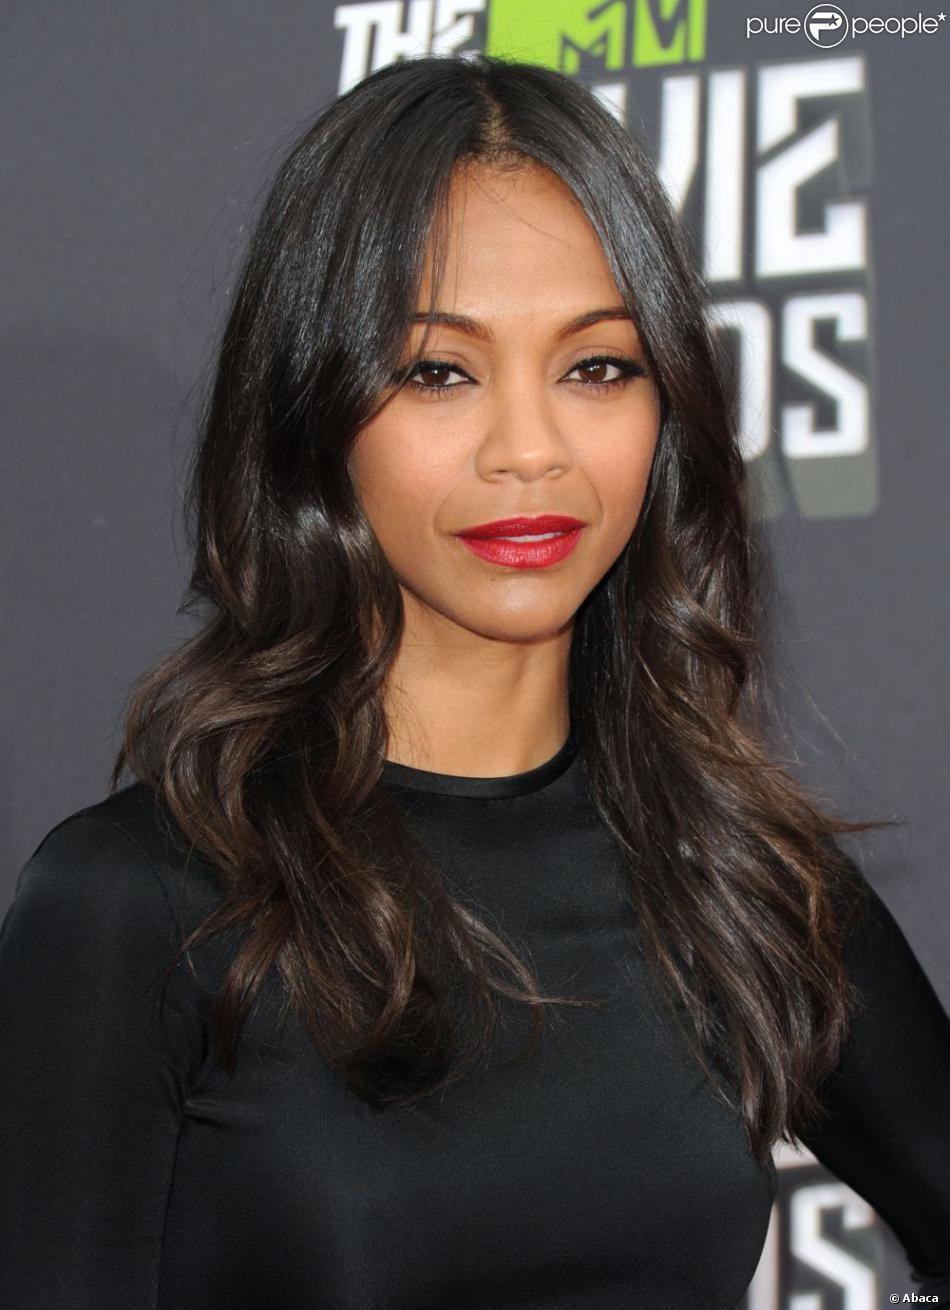 Zoe saldana assiste aux mtv movie awards dans un look givenchy